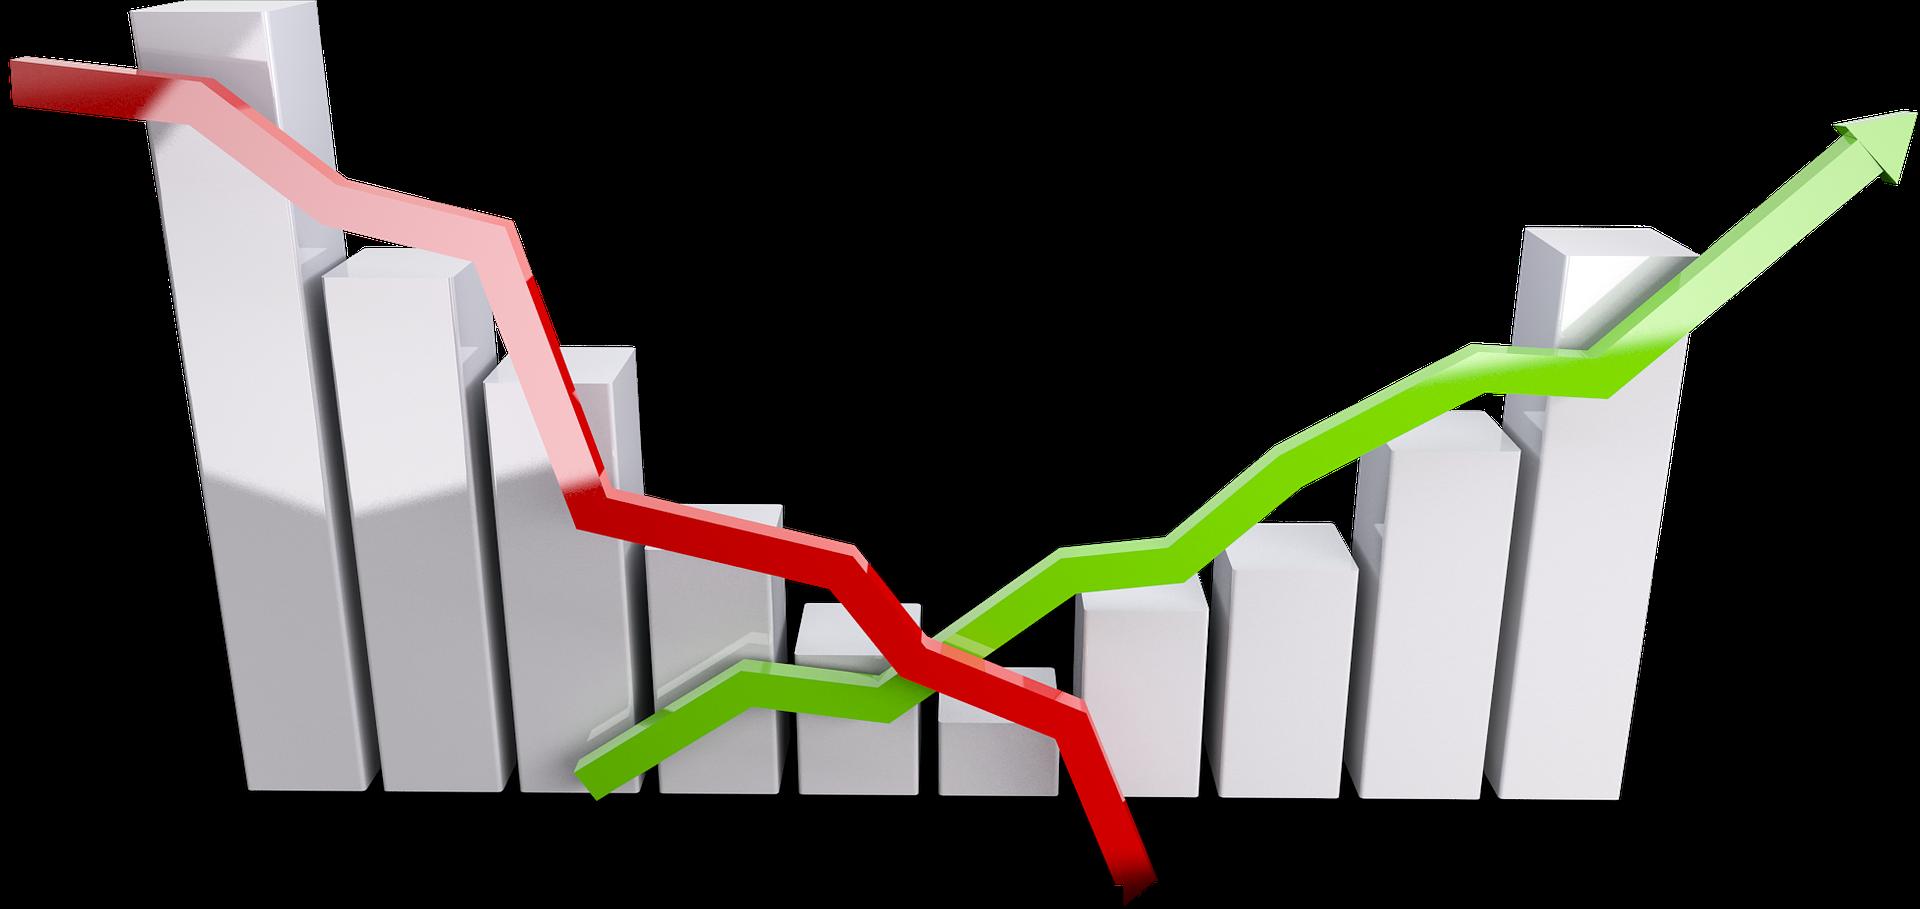 Gráfica de inversión en depósitos